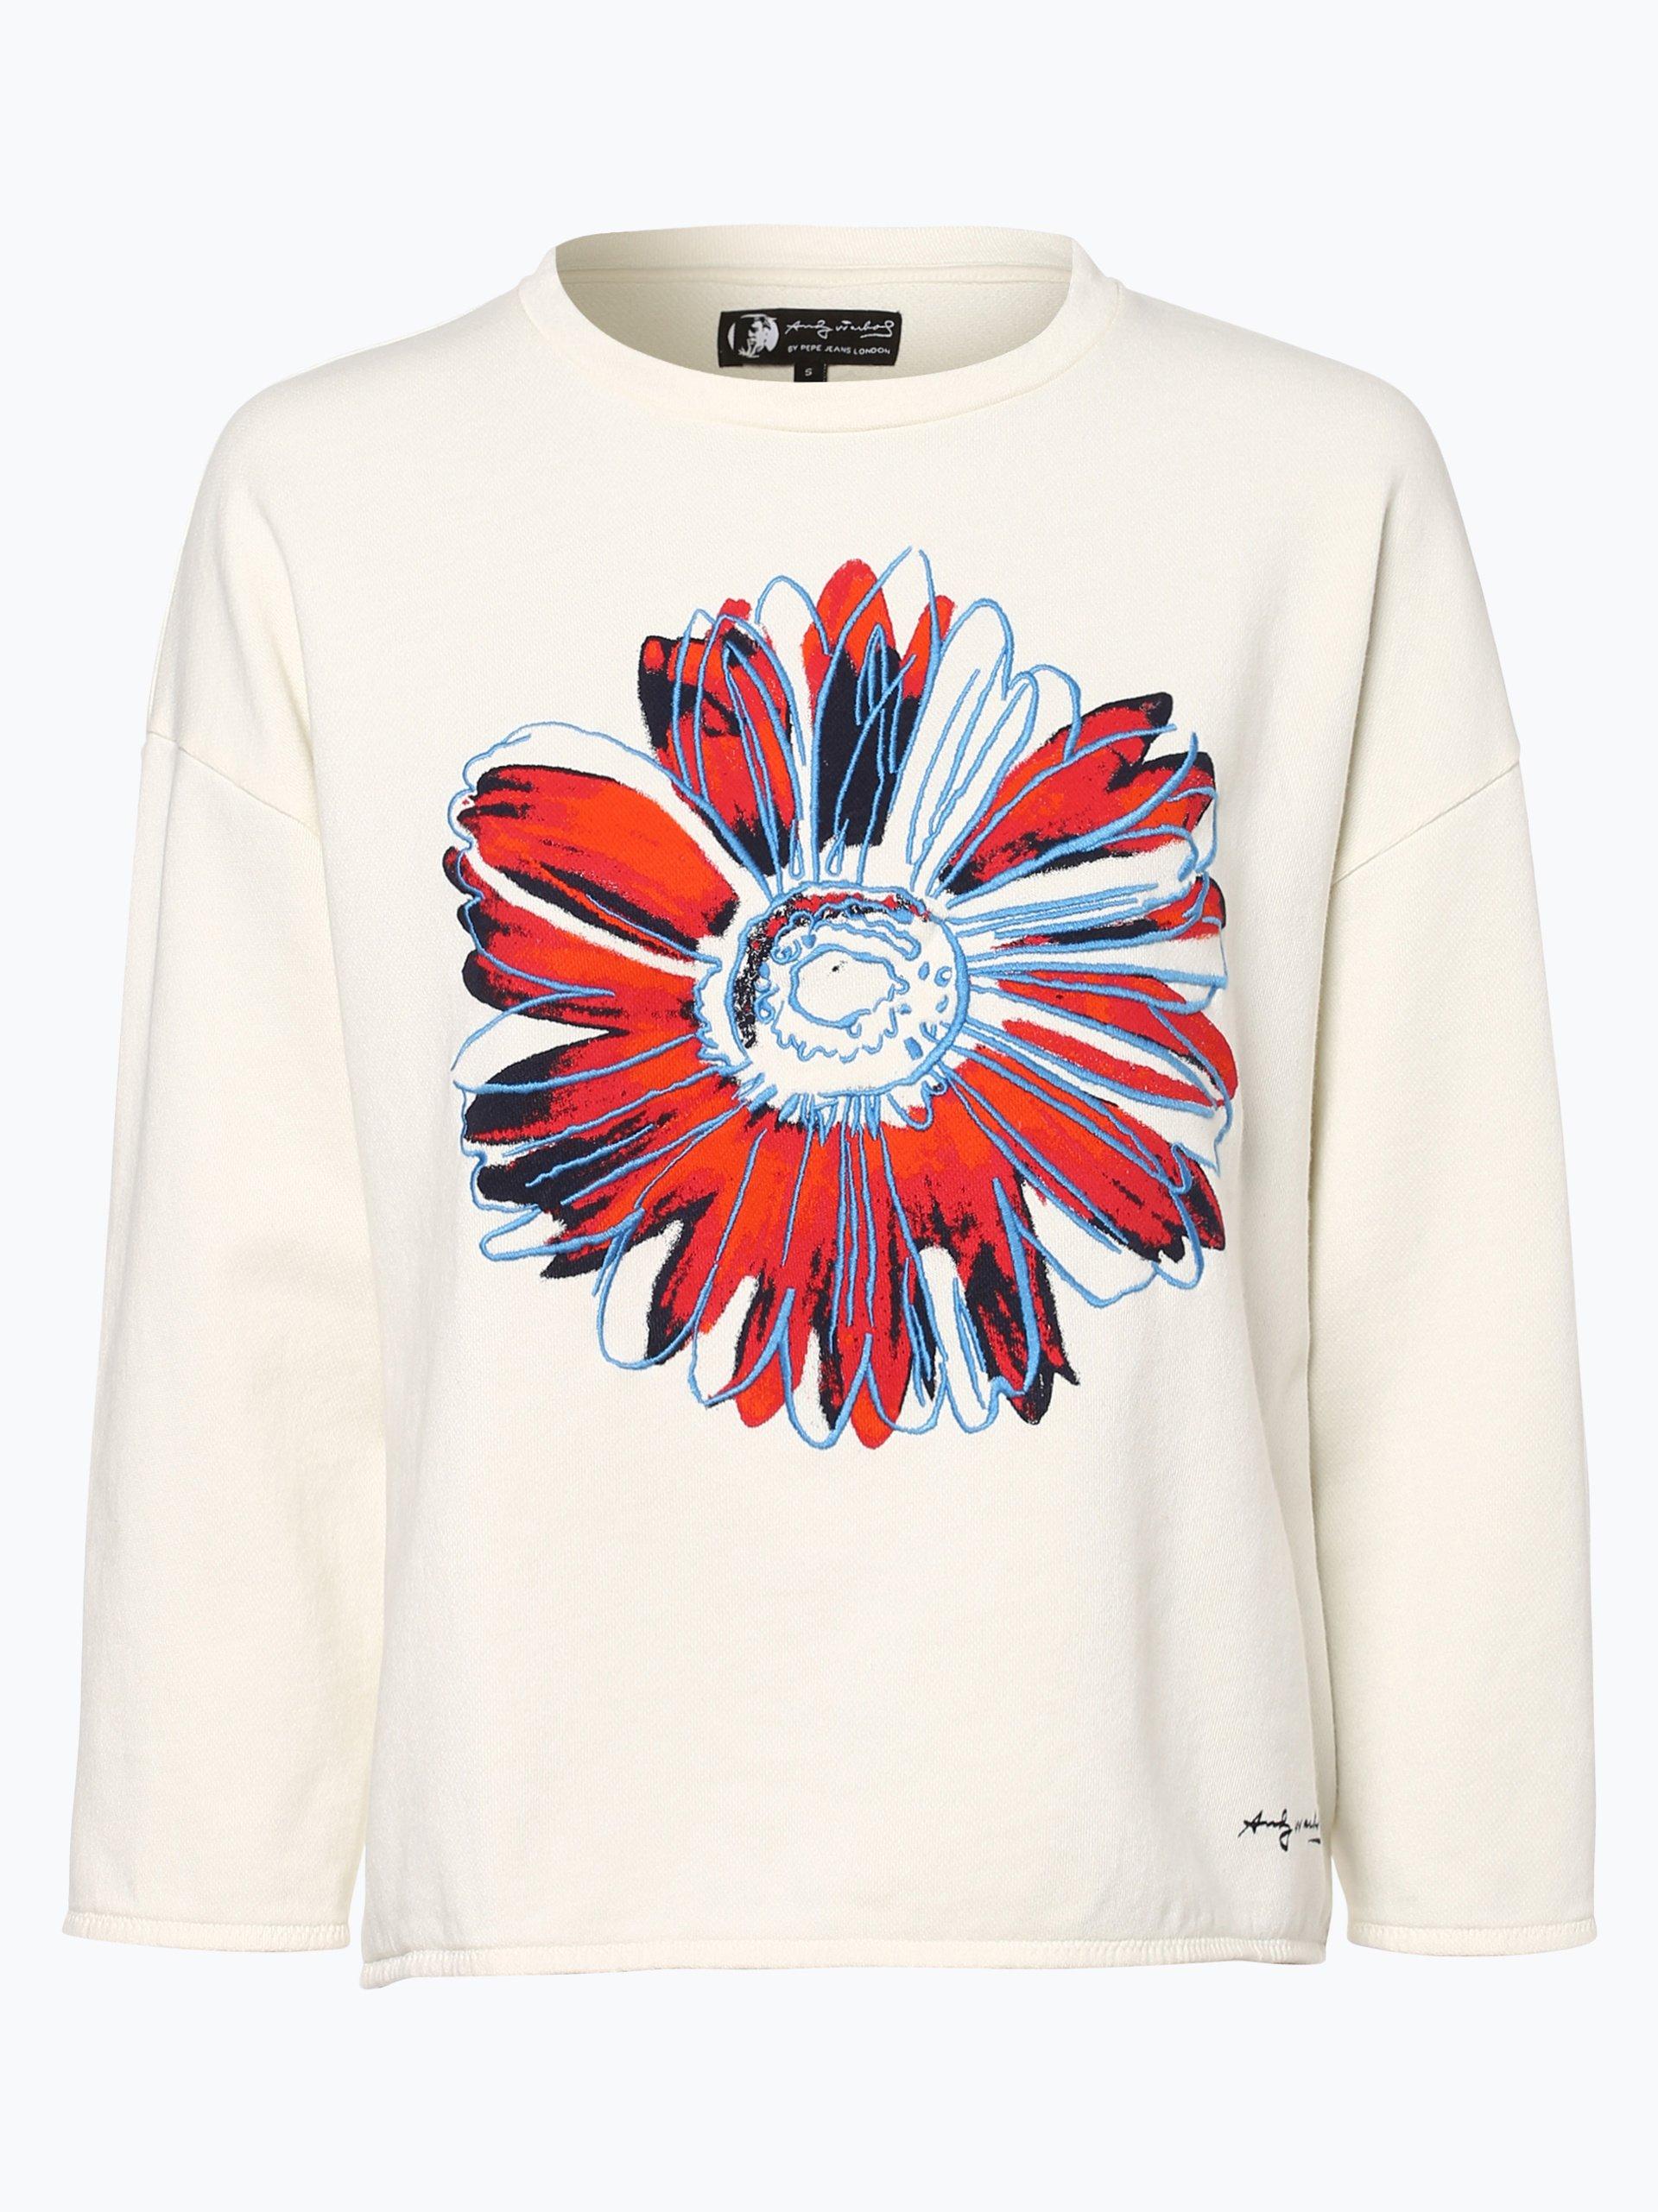 pepe jeans damen sweatshirt linda by andy warhol ecru gemustert online kaufen vangraaf com. Black Bedroom Furniture Sets. Home Design Ideas